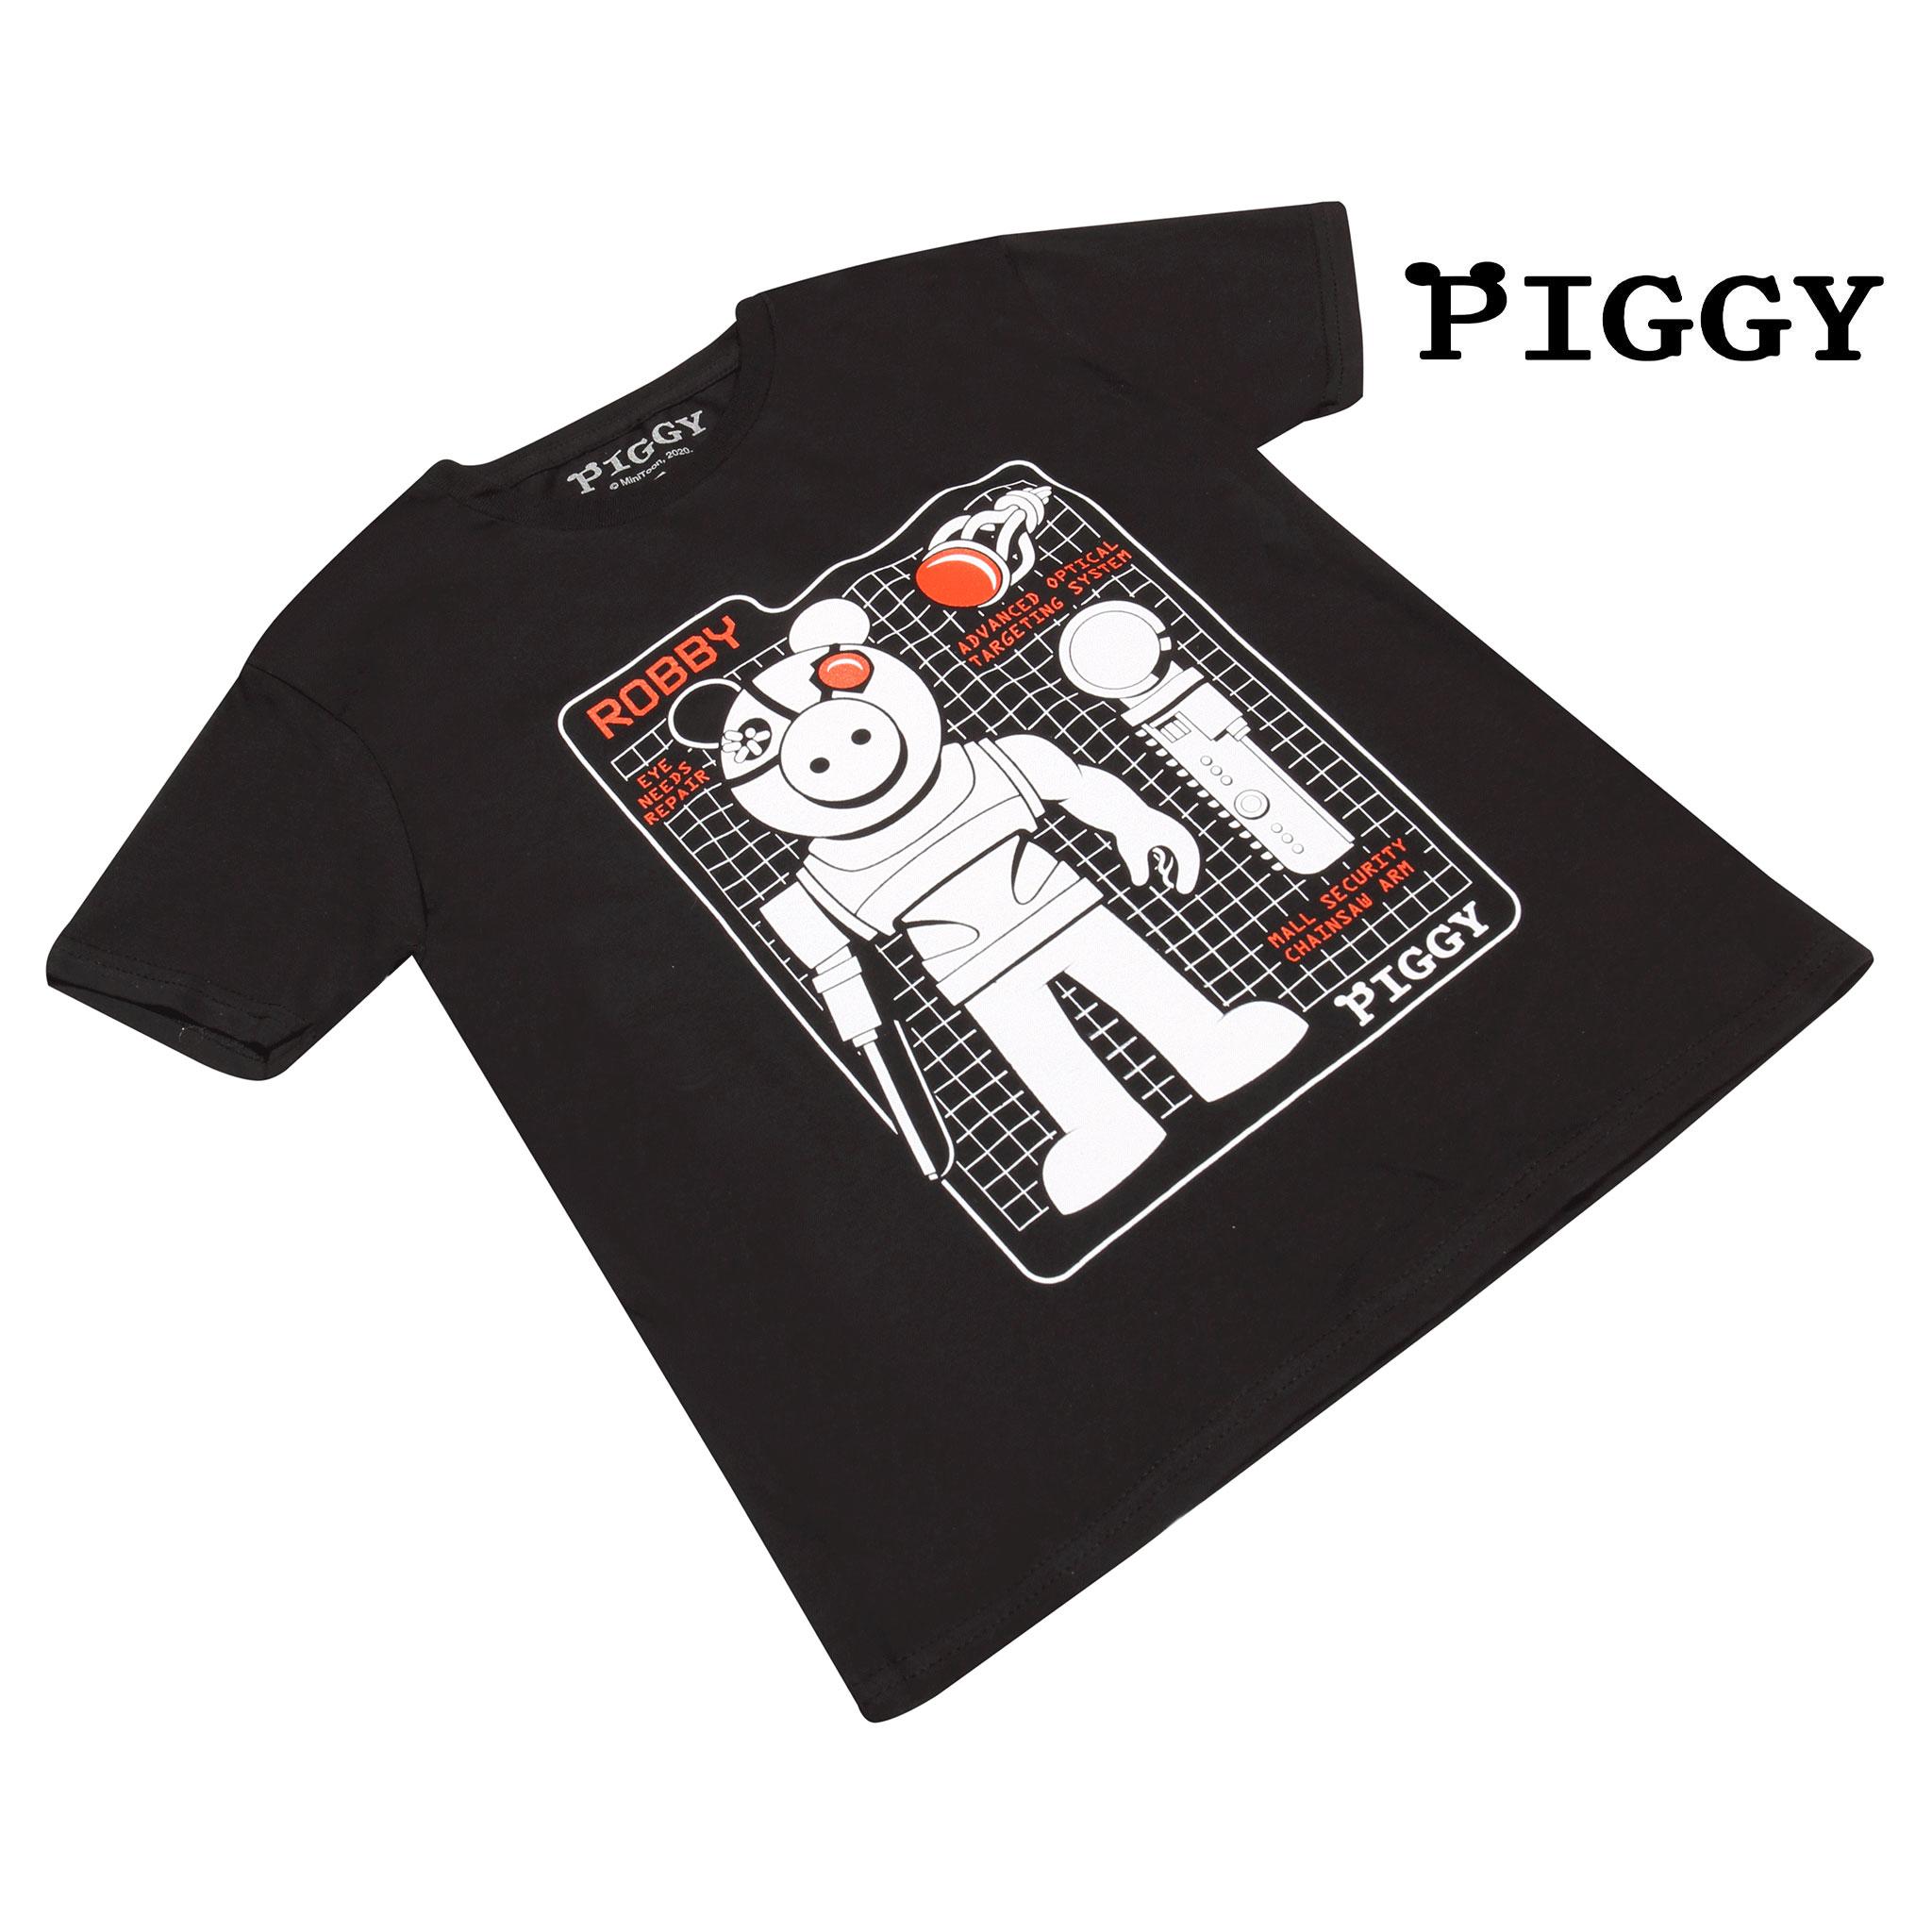 miniature 9 - Boys Piggy T Shirt Robby Tech Specs Official